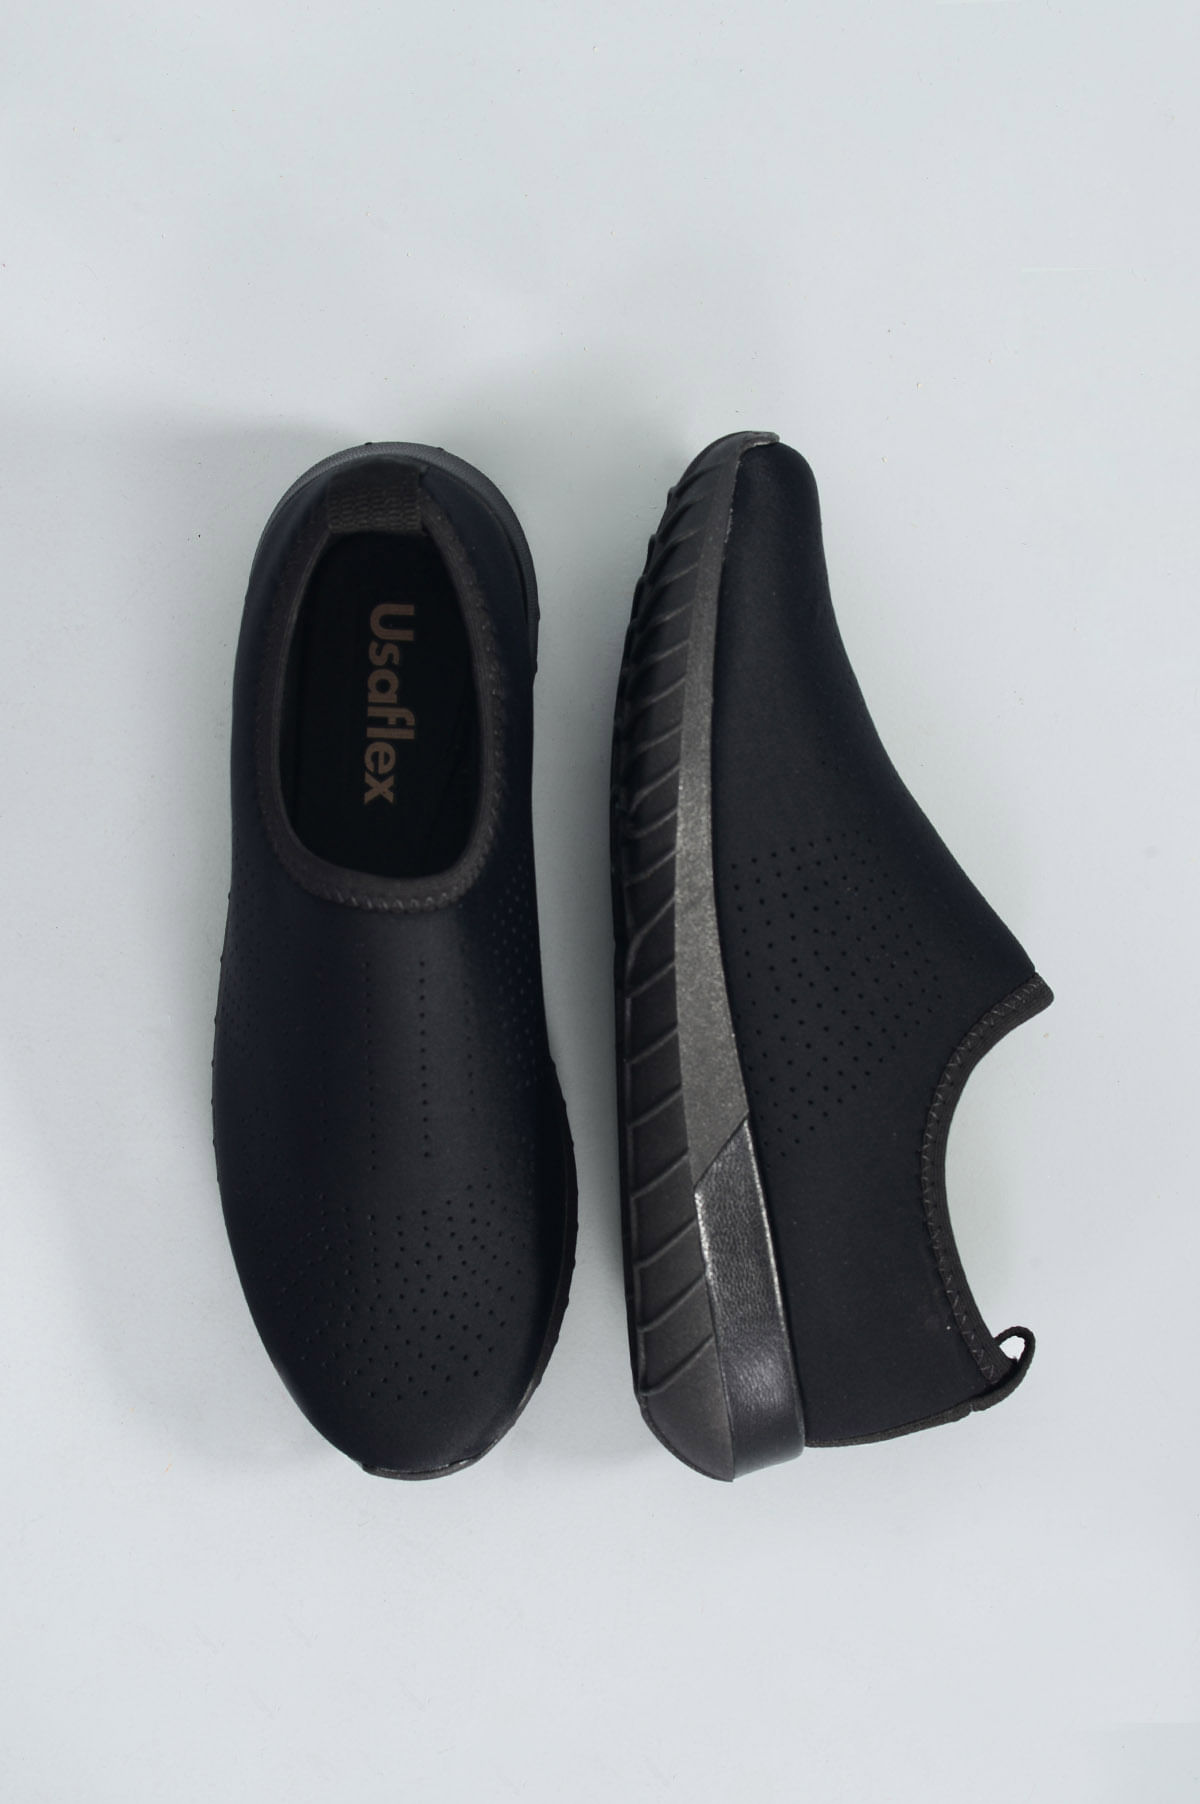 bfd6e7a3e Tênis Feminino Merye Usaflex TEC - PRETO - Mundial Calçados